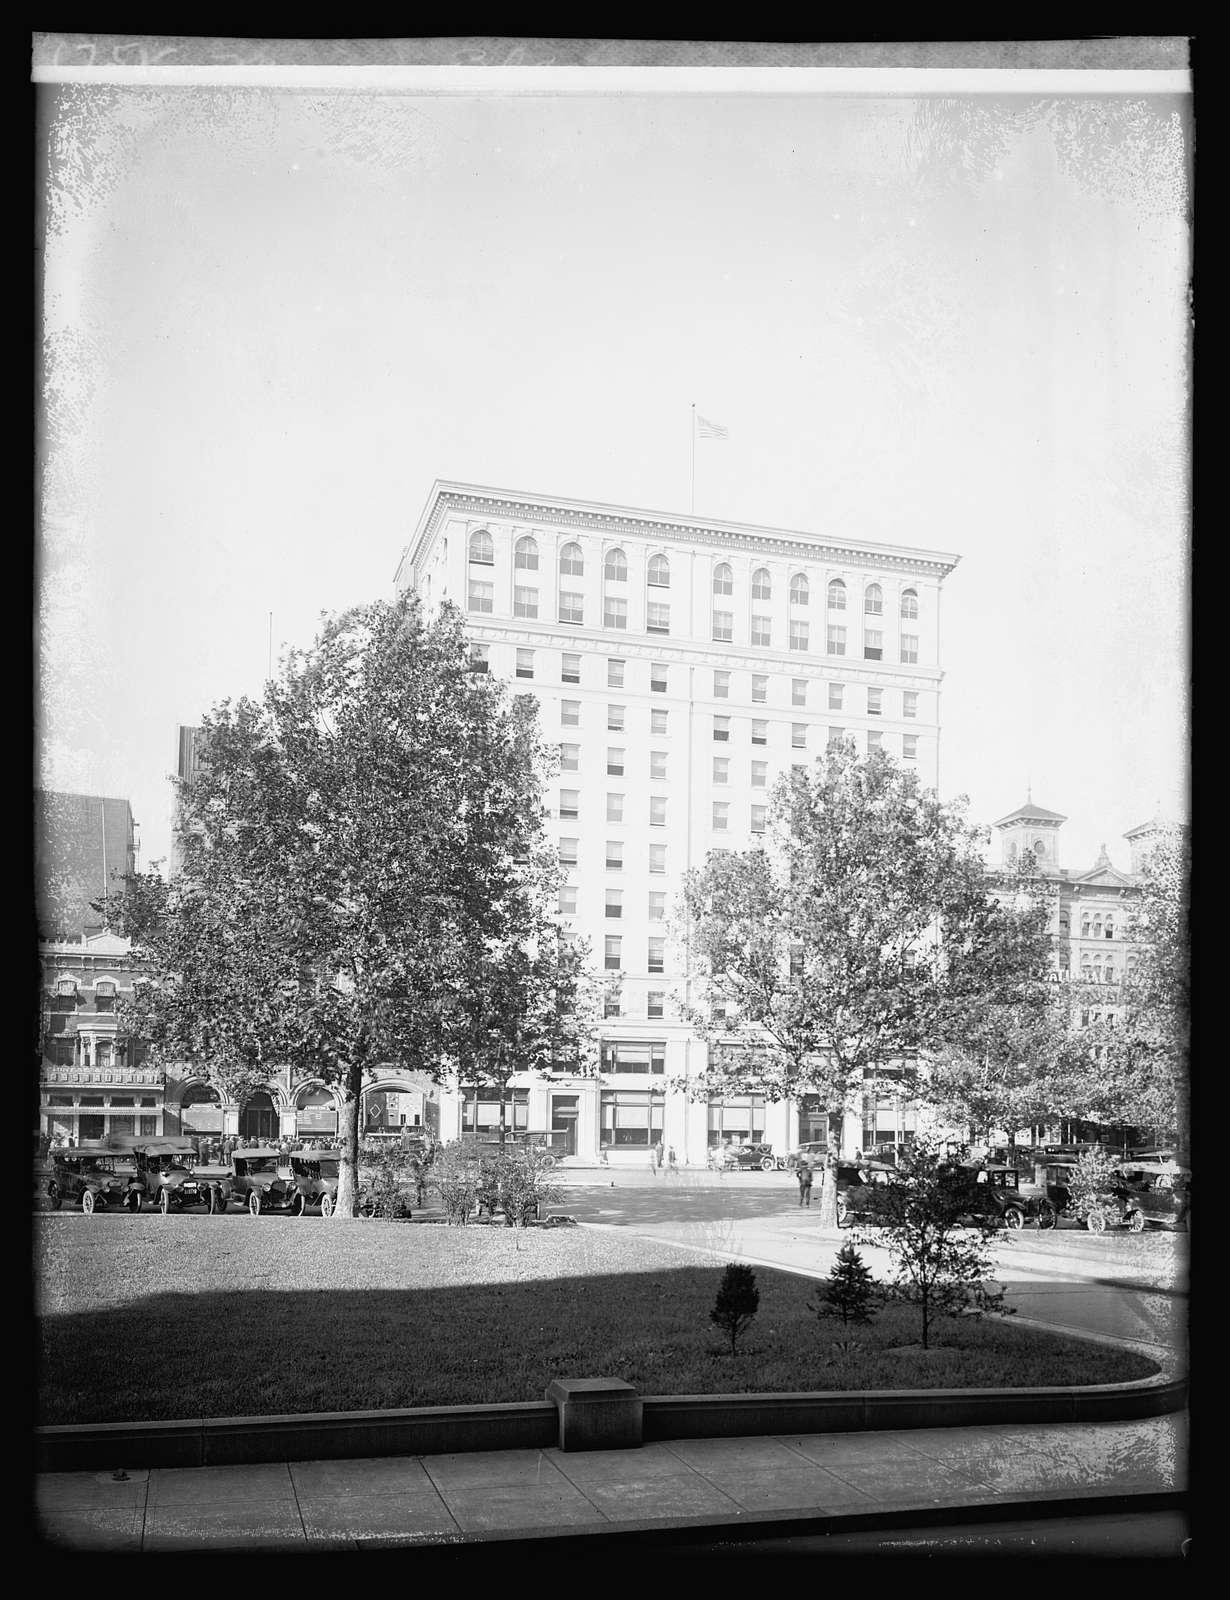 Munsey Bldg., Washington, D.C.